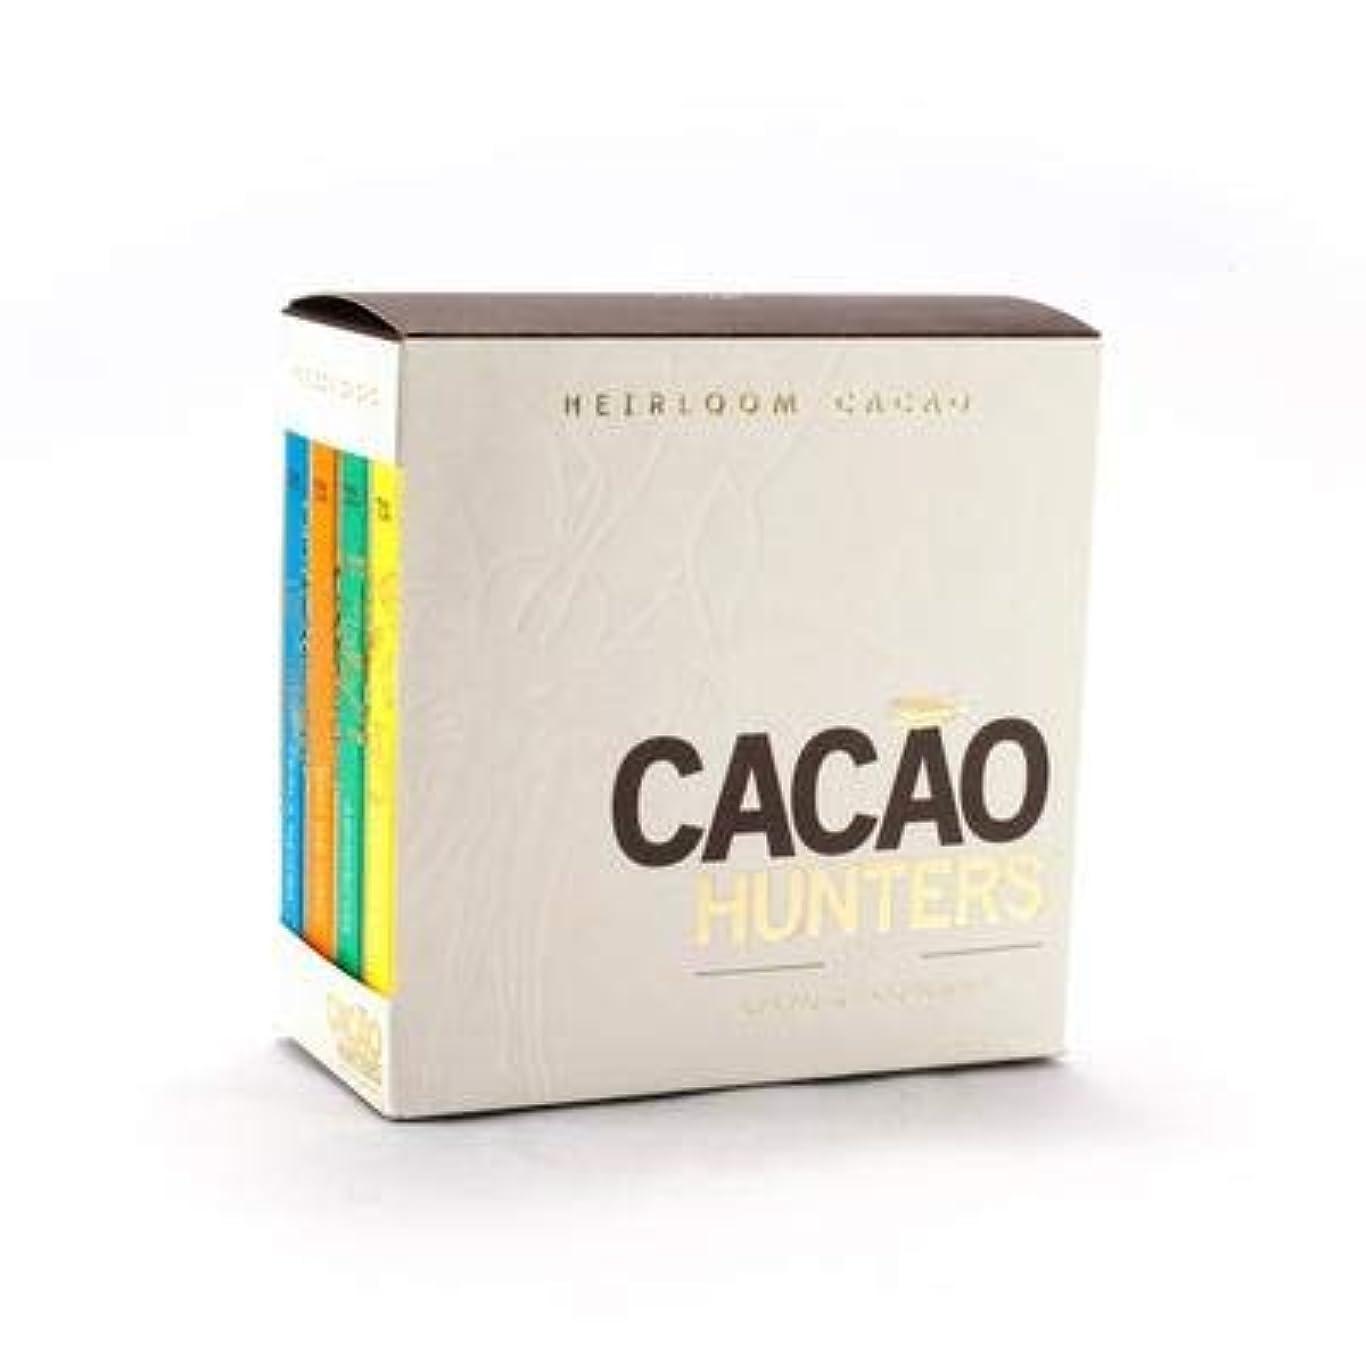 だらしない乳製品超えてCACAO HUNTERS 4 ORIGINS COLLECTION CHOCOLATE BOX - コレクションボックス 4つの産地の詰め合わせダークチョコレート